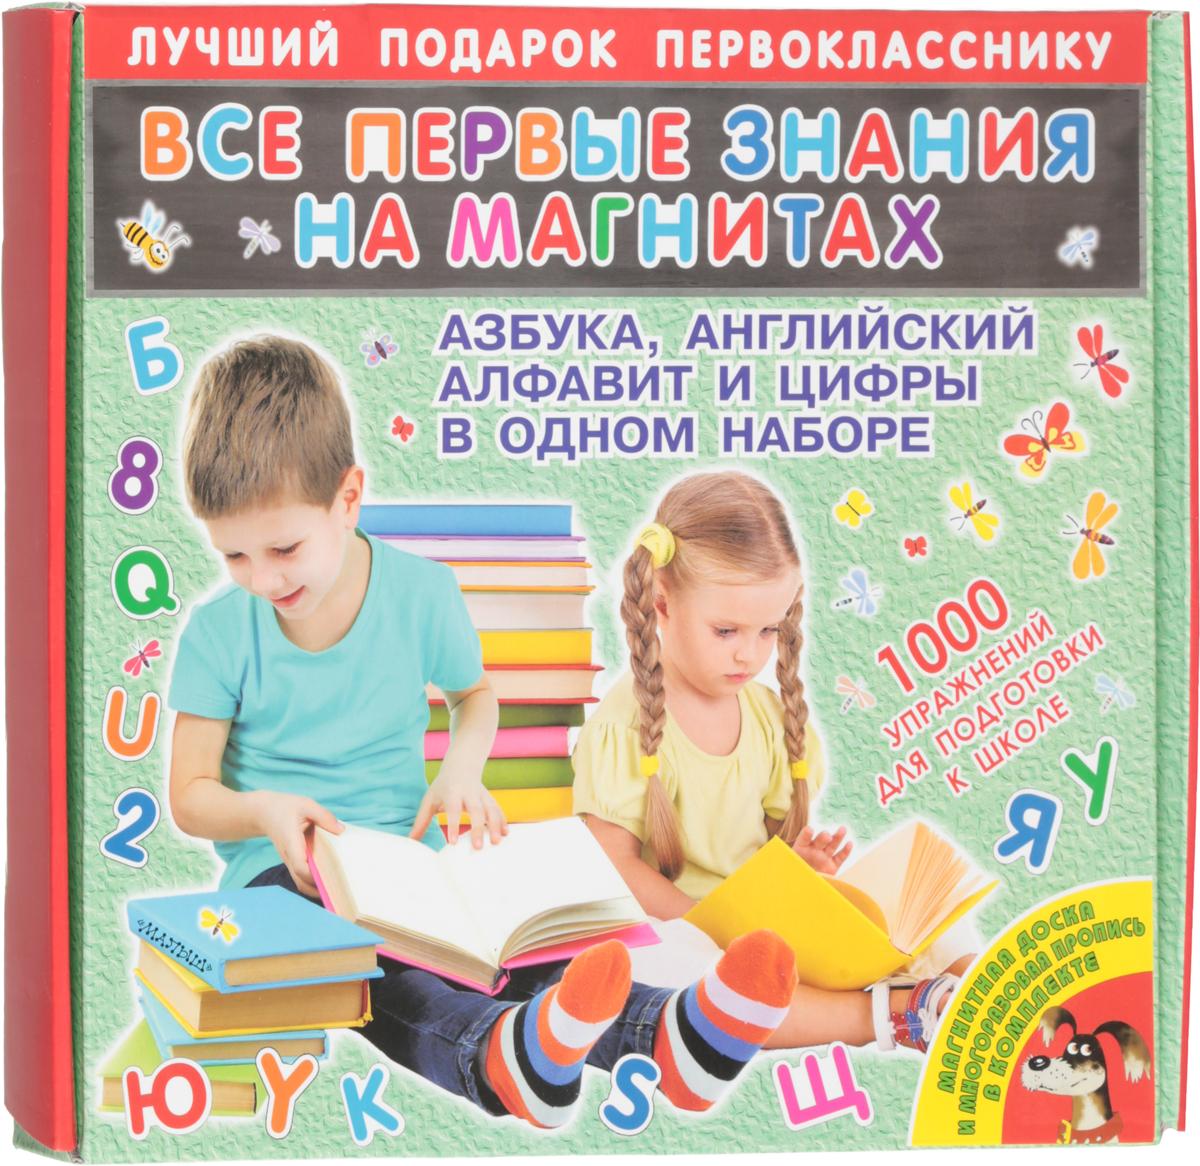 Все первые знания на магнитах. Азбука, английский алфавит и цифры в одном наборе (1000 упражнений) английский язык запросто буквы цифры первые слова